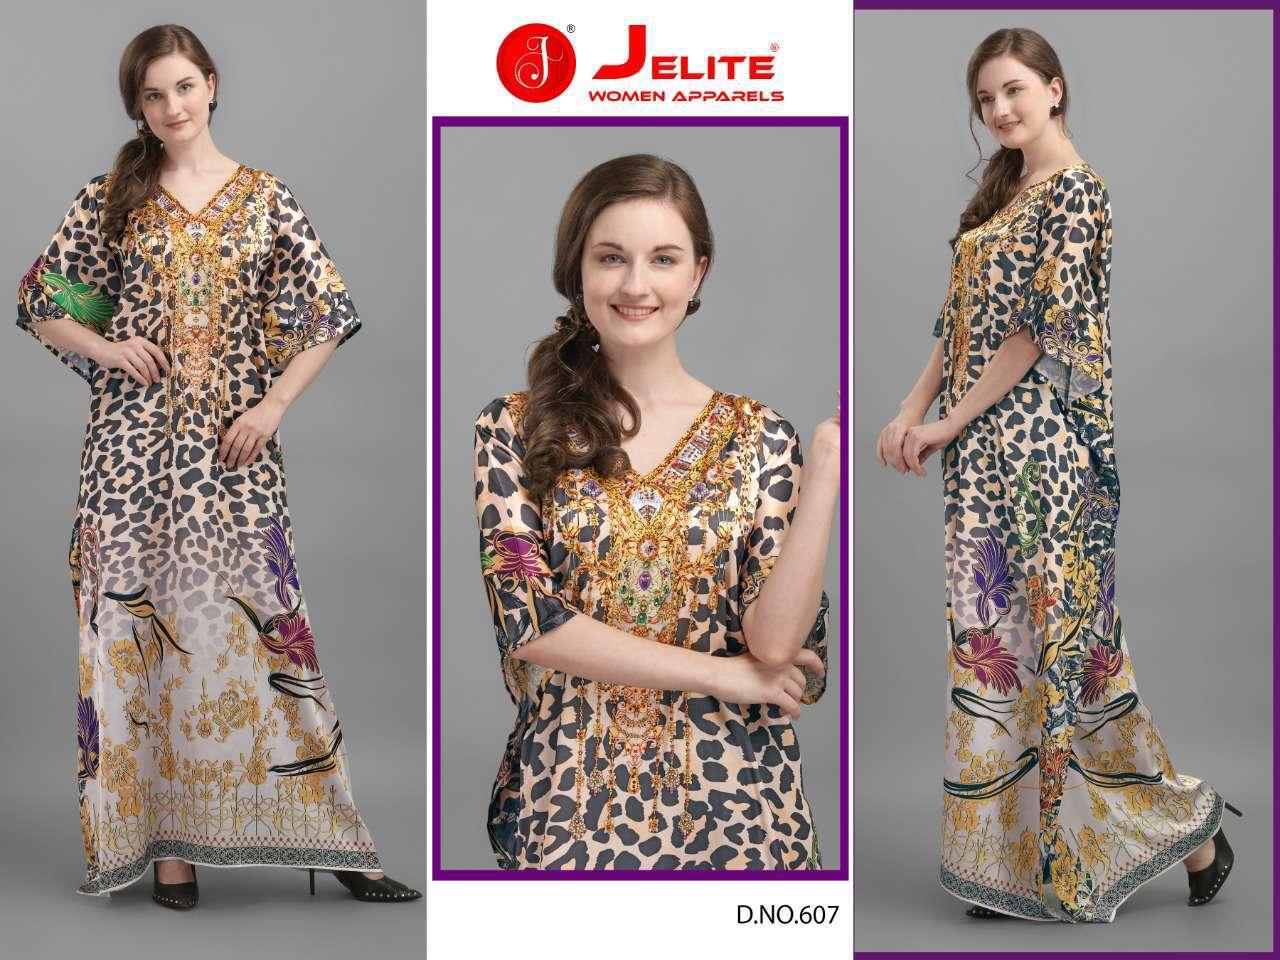 Jelite Kaftans Vol 6 Kurti Wholesale Catalog 8 Pcs 5 - Jelite Kaftans Vol 6 Kurti Wholesale Catalog 8 Pcs